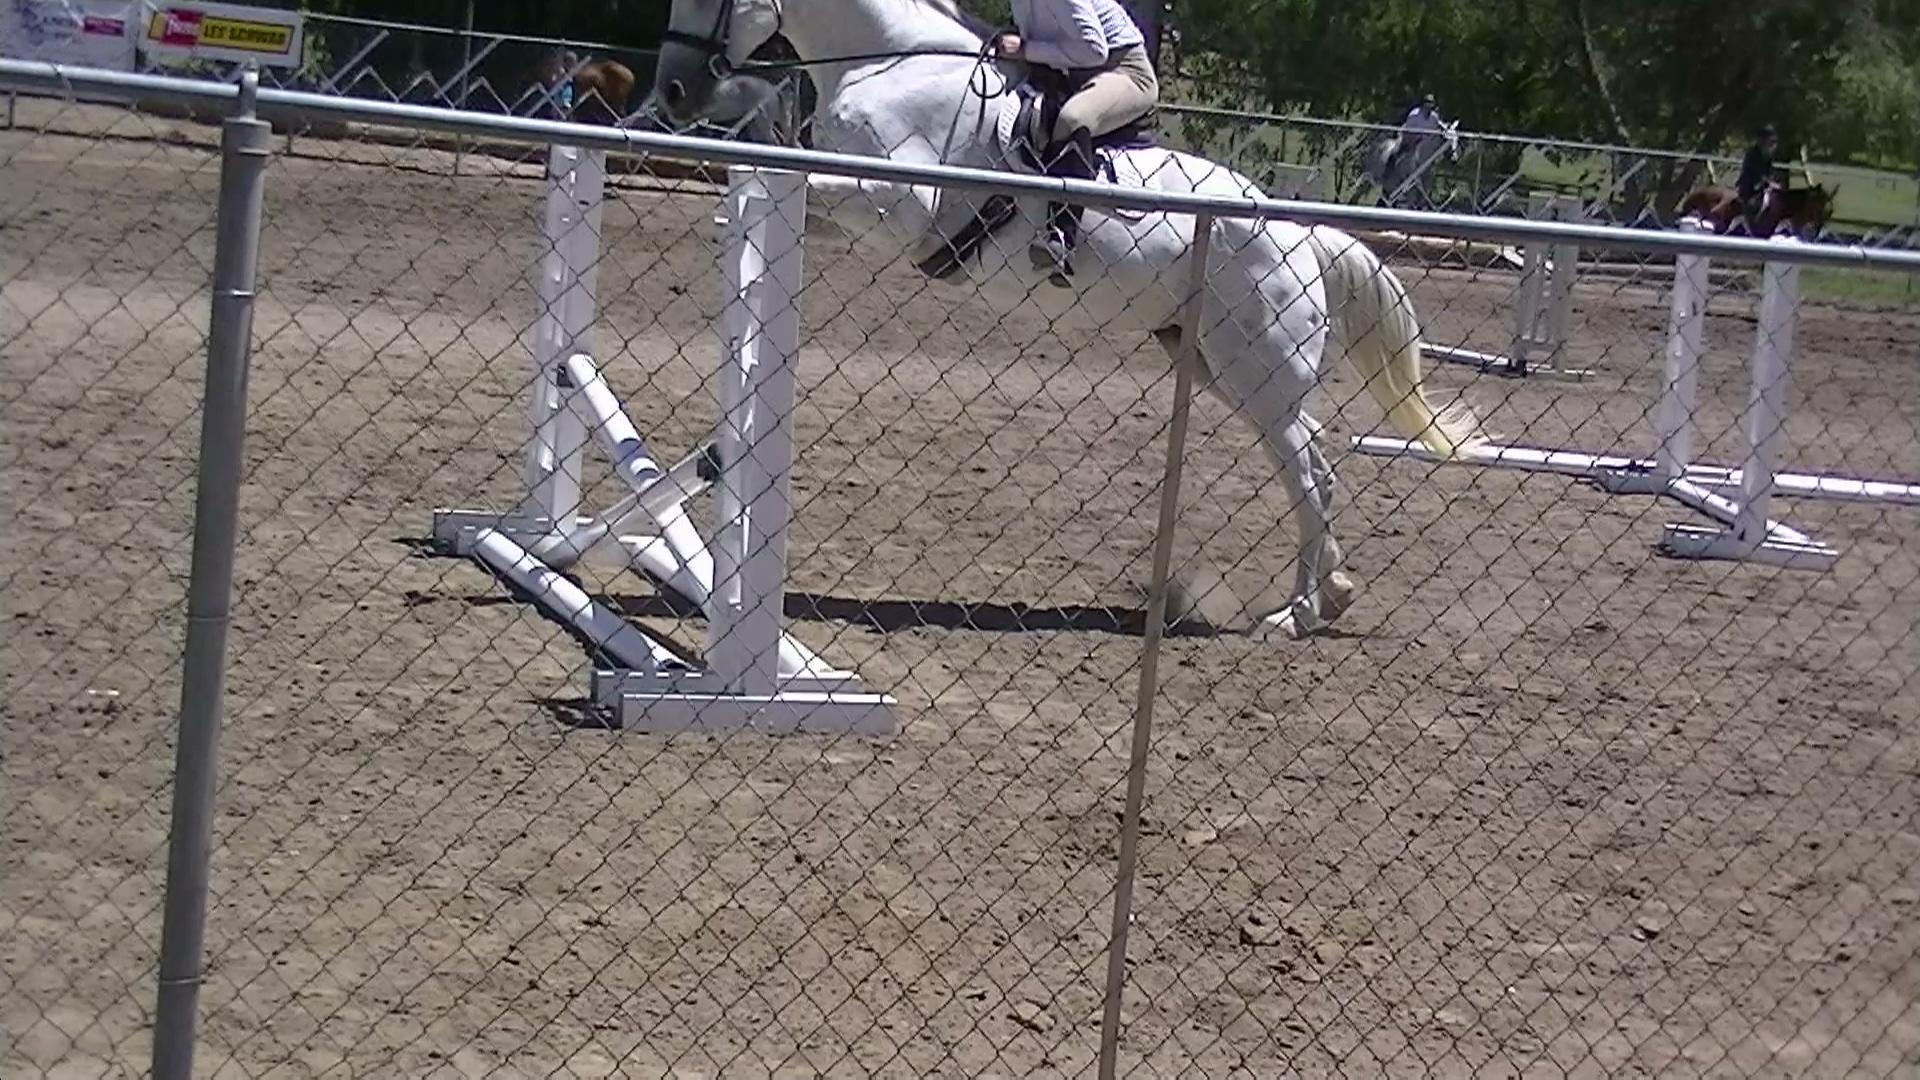 Blanca jumping.JPG